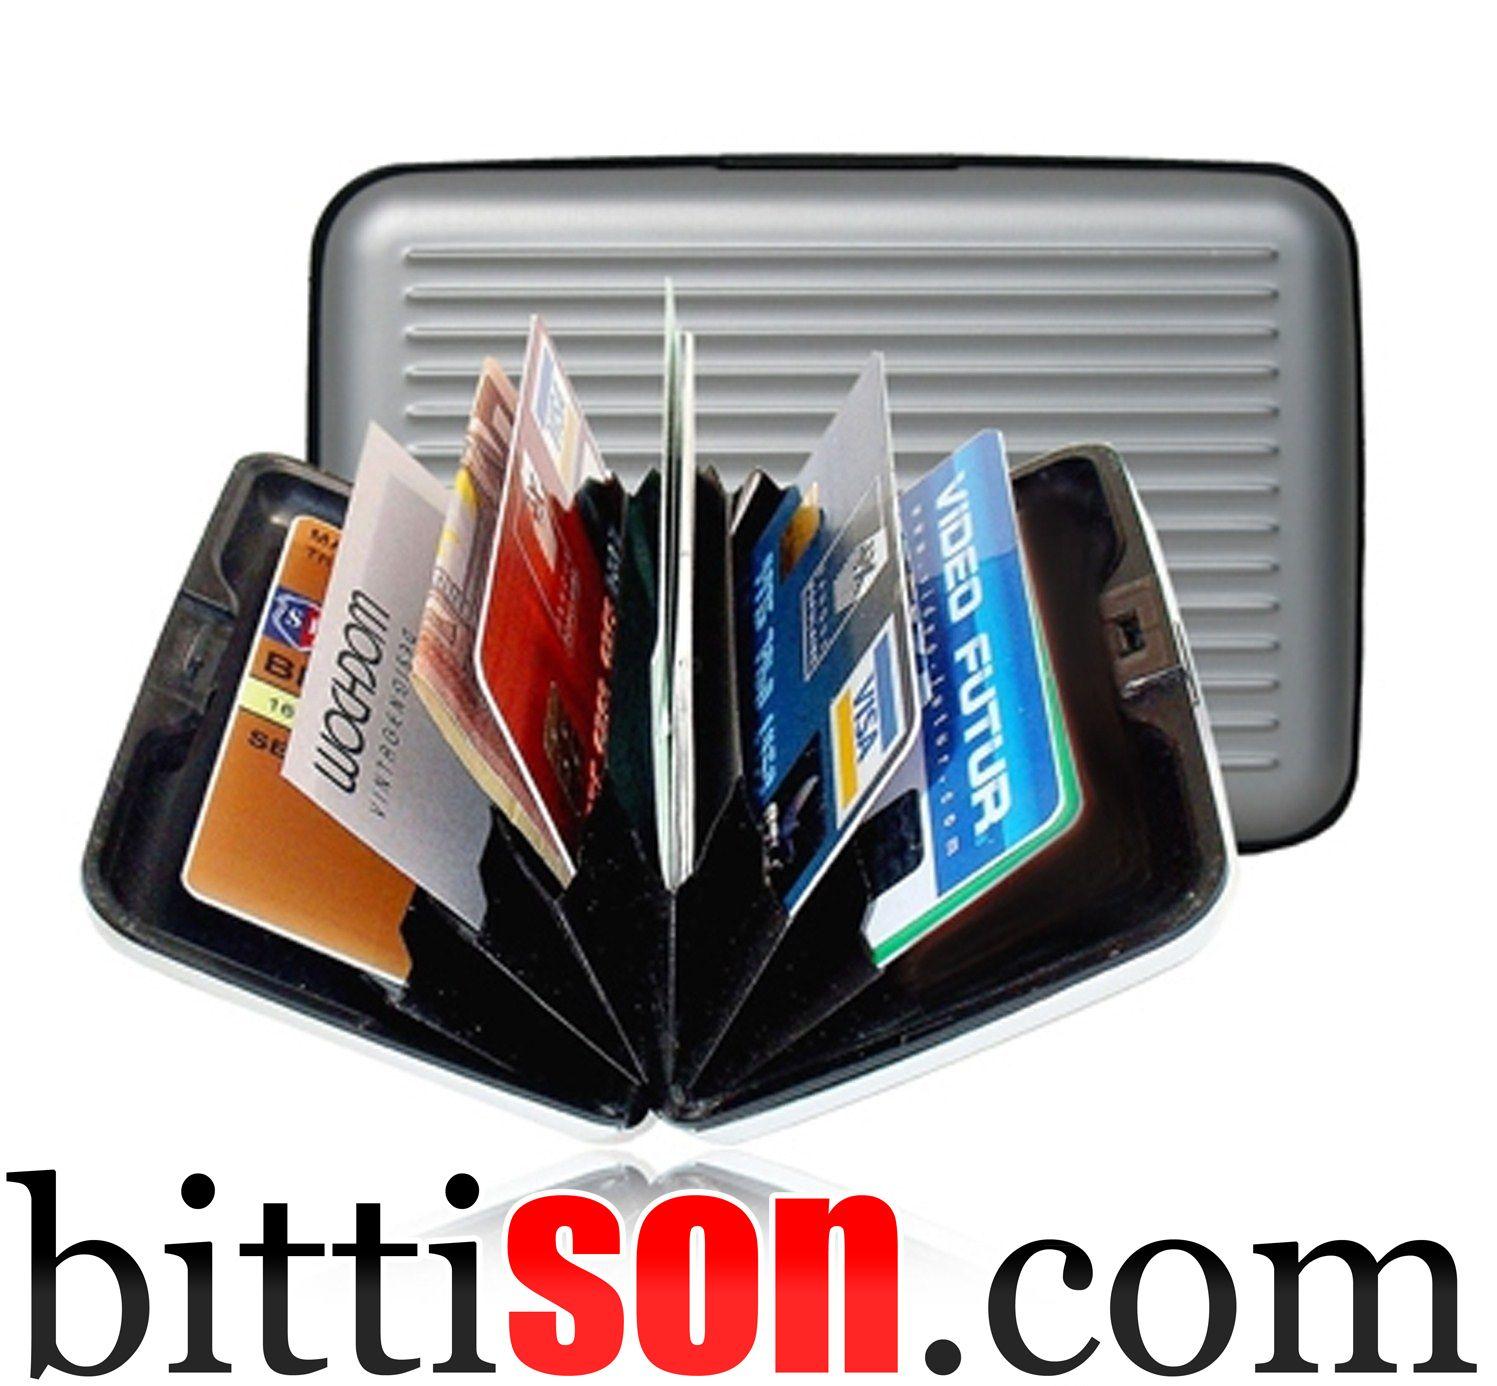 ↓↓ Ürüne Buradan Ulaşabilirsiniz ↓↓ http://www.bittison.com/aluminyum-kredi-kartlik-cuzdan.html Kredi Kartlarınız Artık Kırılmayacak ve Kaybolmayacak! Kredi kartlarınızı kırmaz, manyetik alanını ve çipini korur. 6 adet farklı göz 6 adet kart veya para da koyabilirsiniz.  #Kampanya #Kampanyalar #indirim #Alışveriş #Ucuz #Ucuzluk #EnUcuz #ÇokUcuz #Fırsat #Fırsatlar #Online #hediye #HemenAl #SatınAl #HızlıAl #Bitti #BittiSon #KapıdaÖde